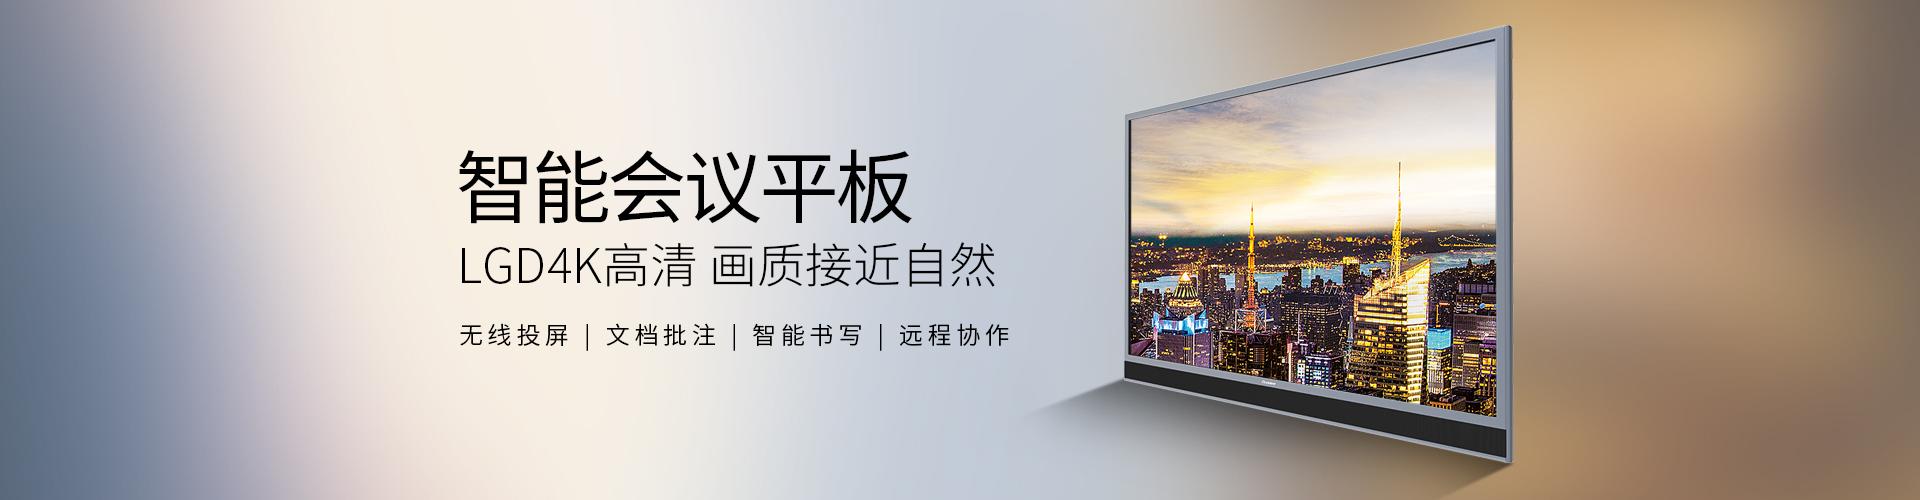 北京东方中原数码科技有限公司[工程投影机-]